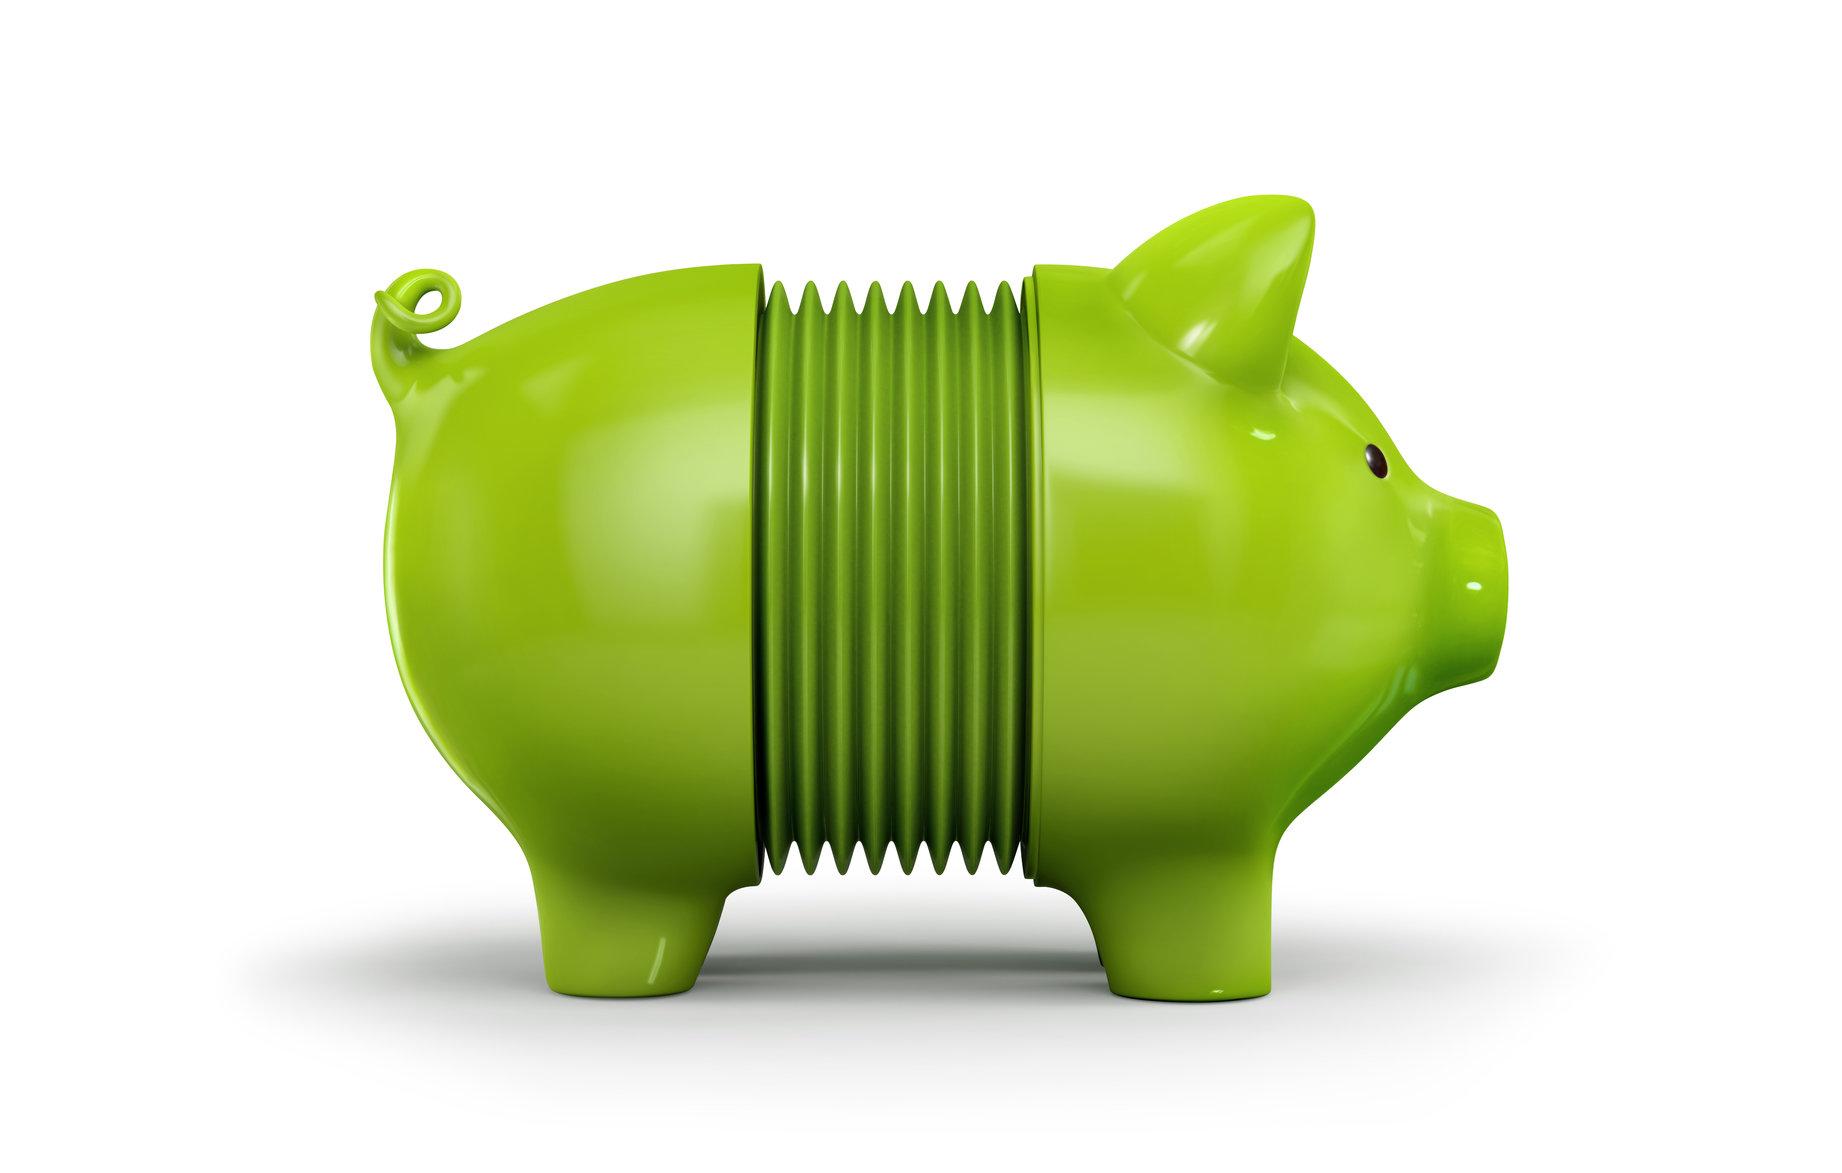 La mise de fonds : un mal nécéssaire ?